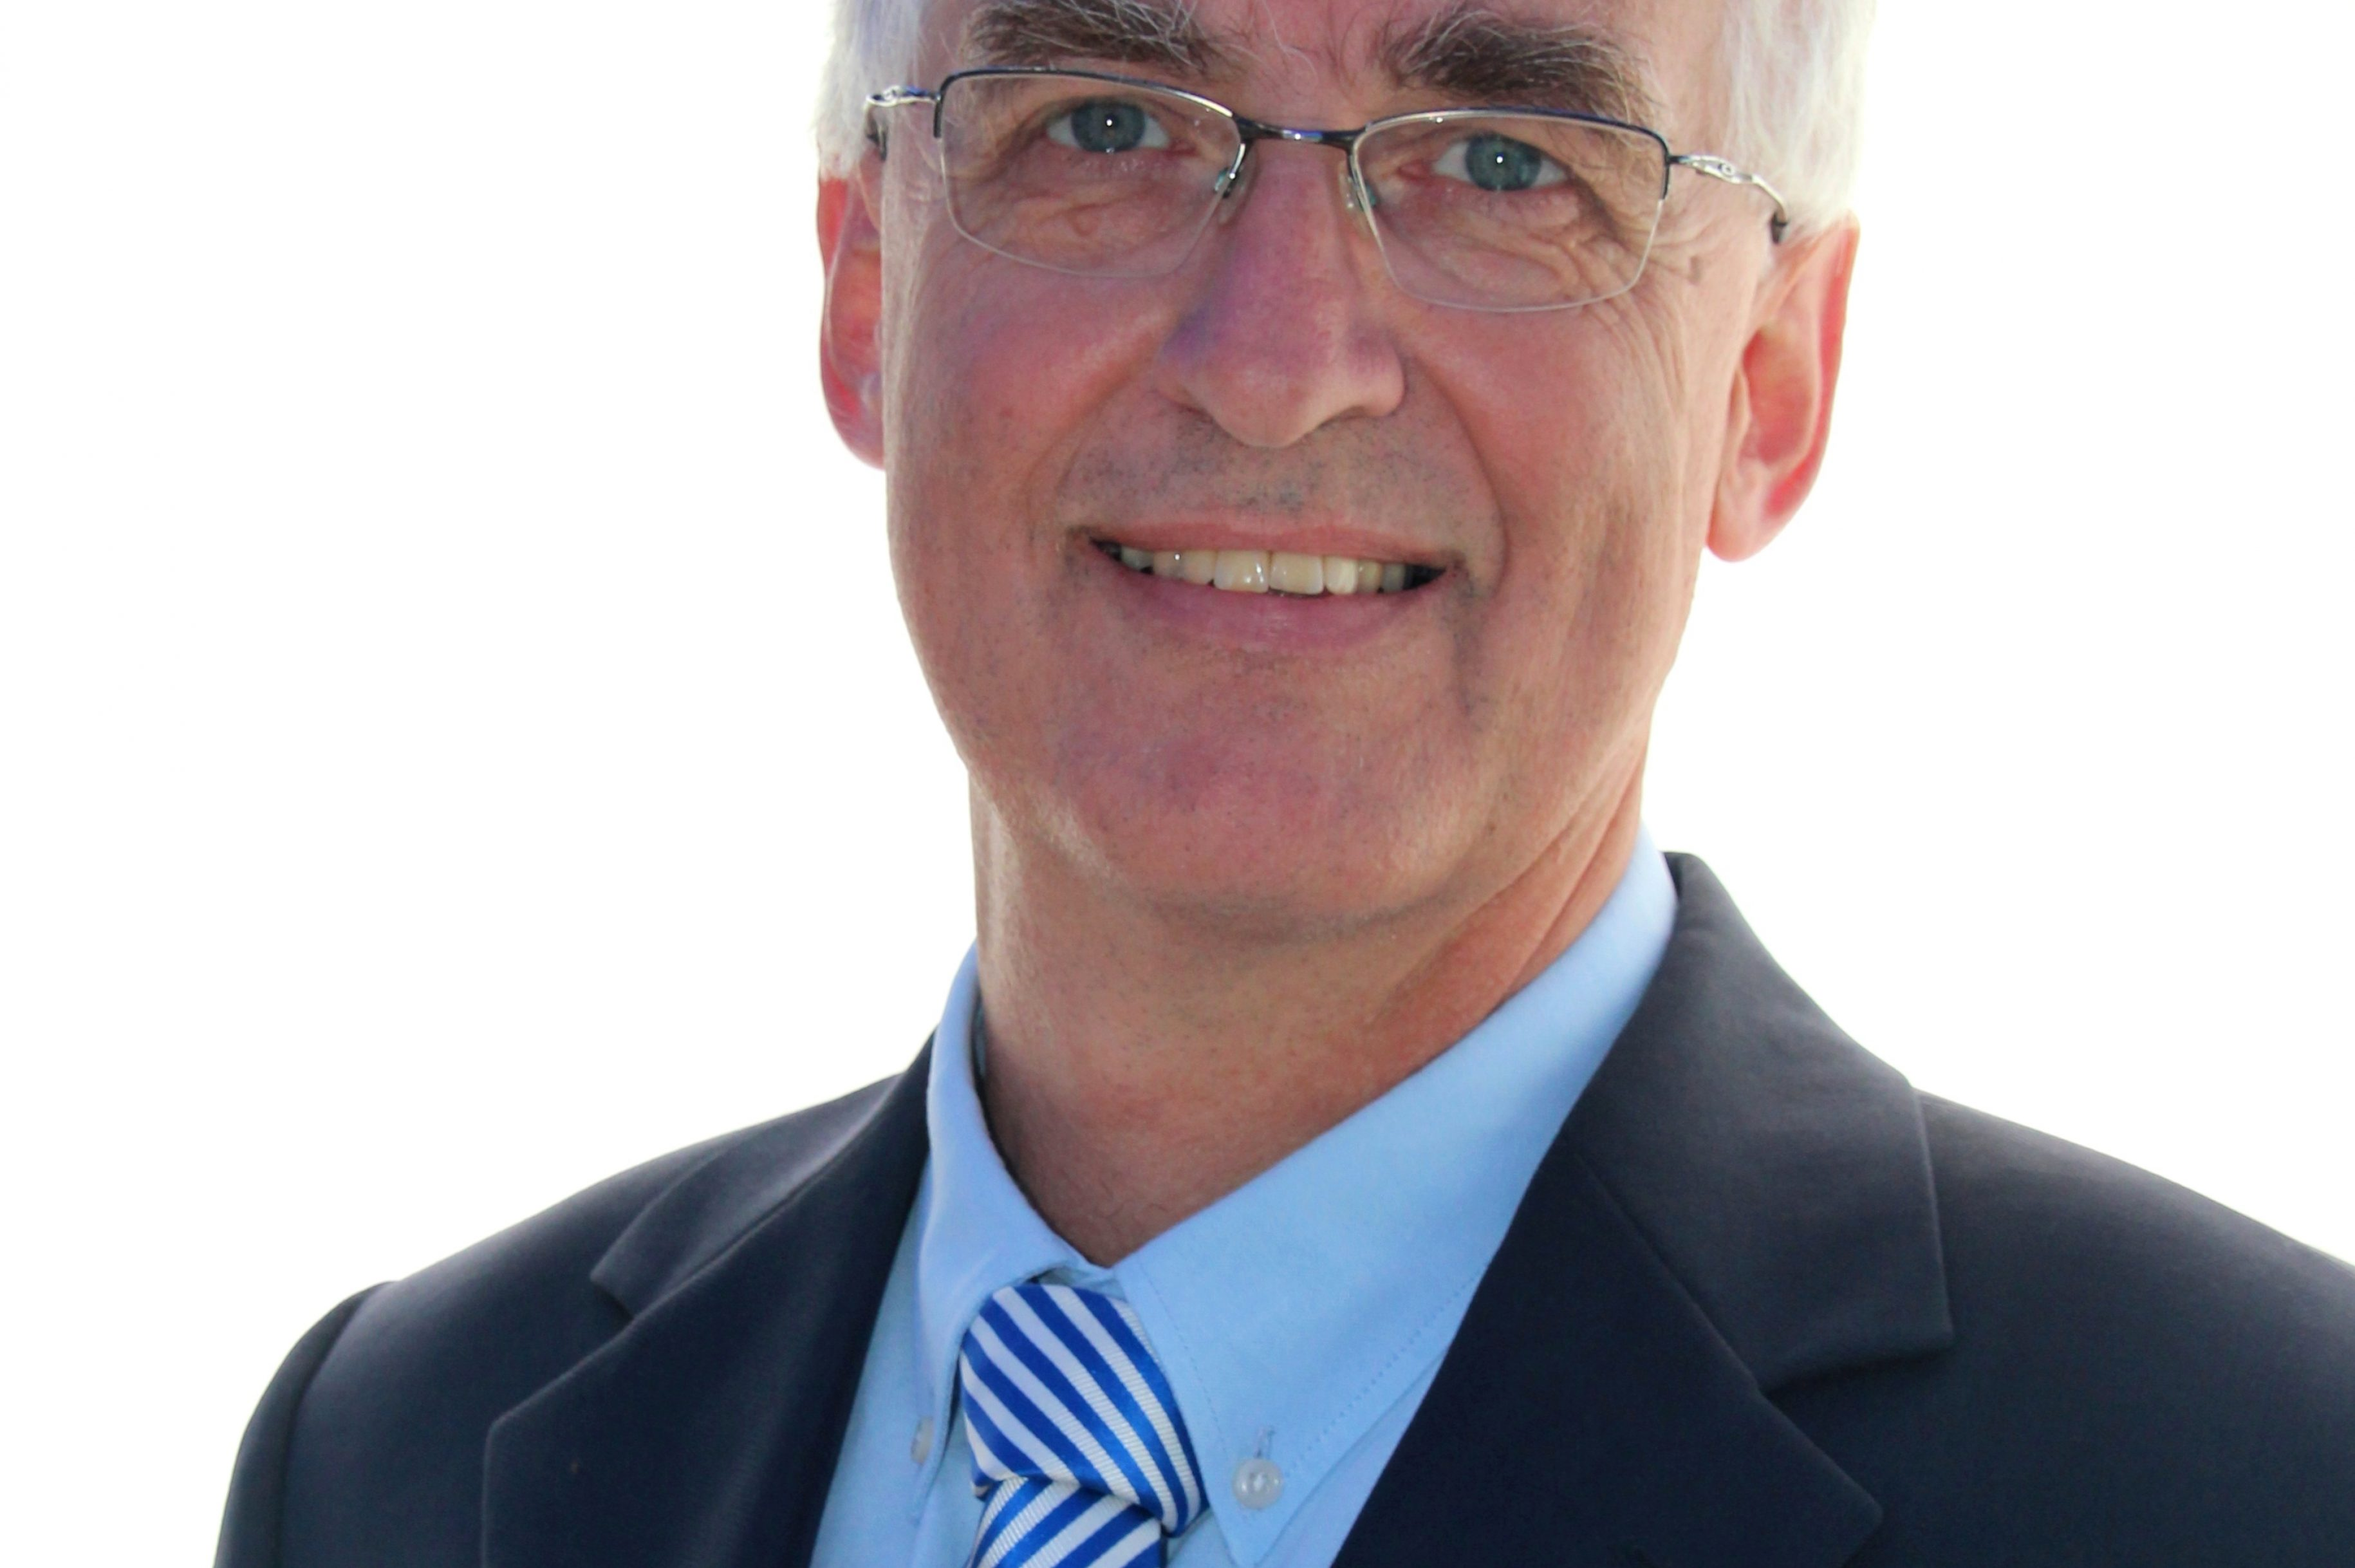 Neuer Chefarzt für Gynäkologie und Geburtshilfe in den Helios Kliniken Mittelweser